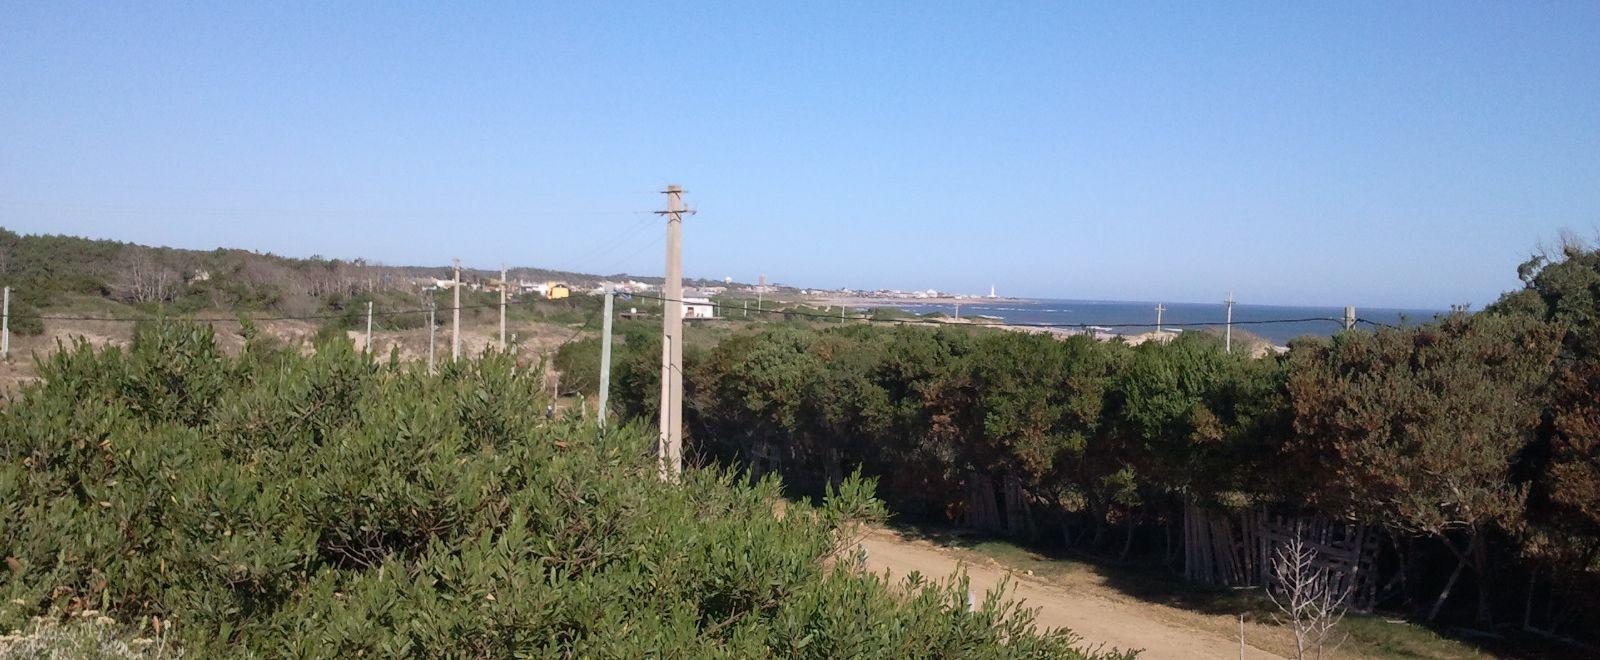 Terreno en venta ubicado en la zona de playa serena - Inmobiliaria la playa ...